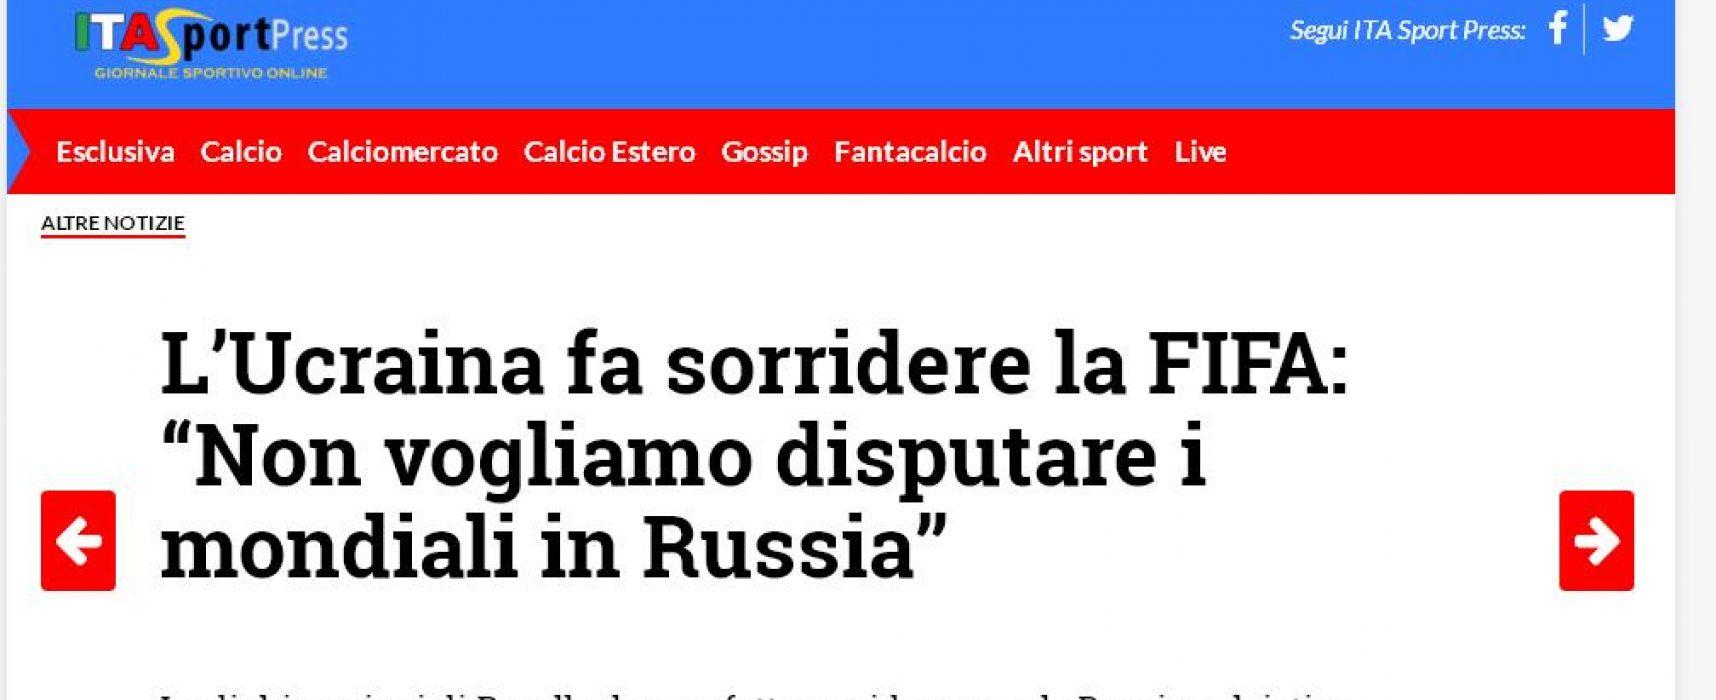 Ucraina : non disputeremo i mondiali in Russia (Fake)